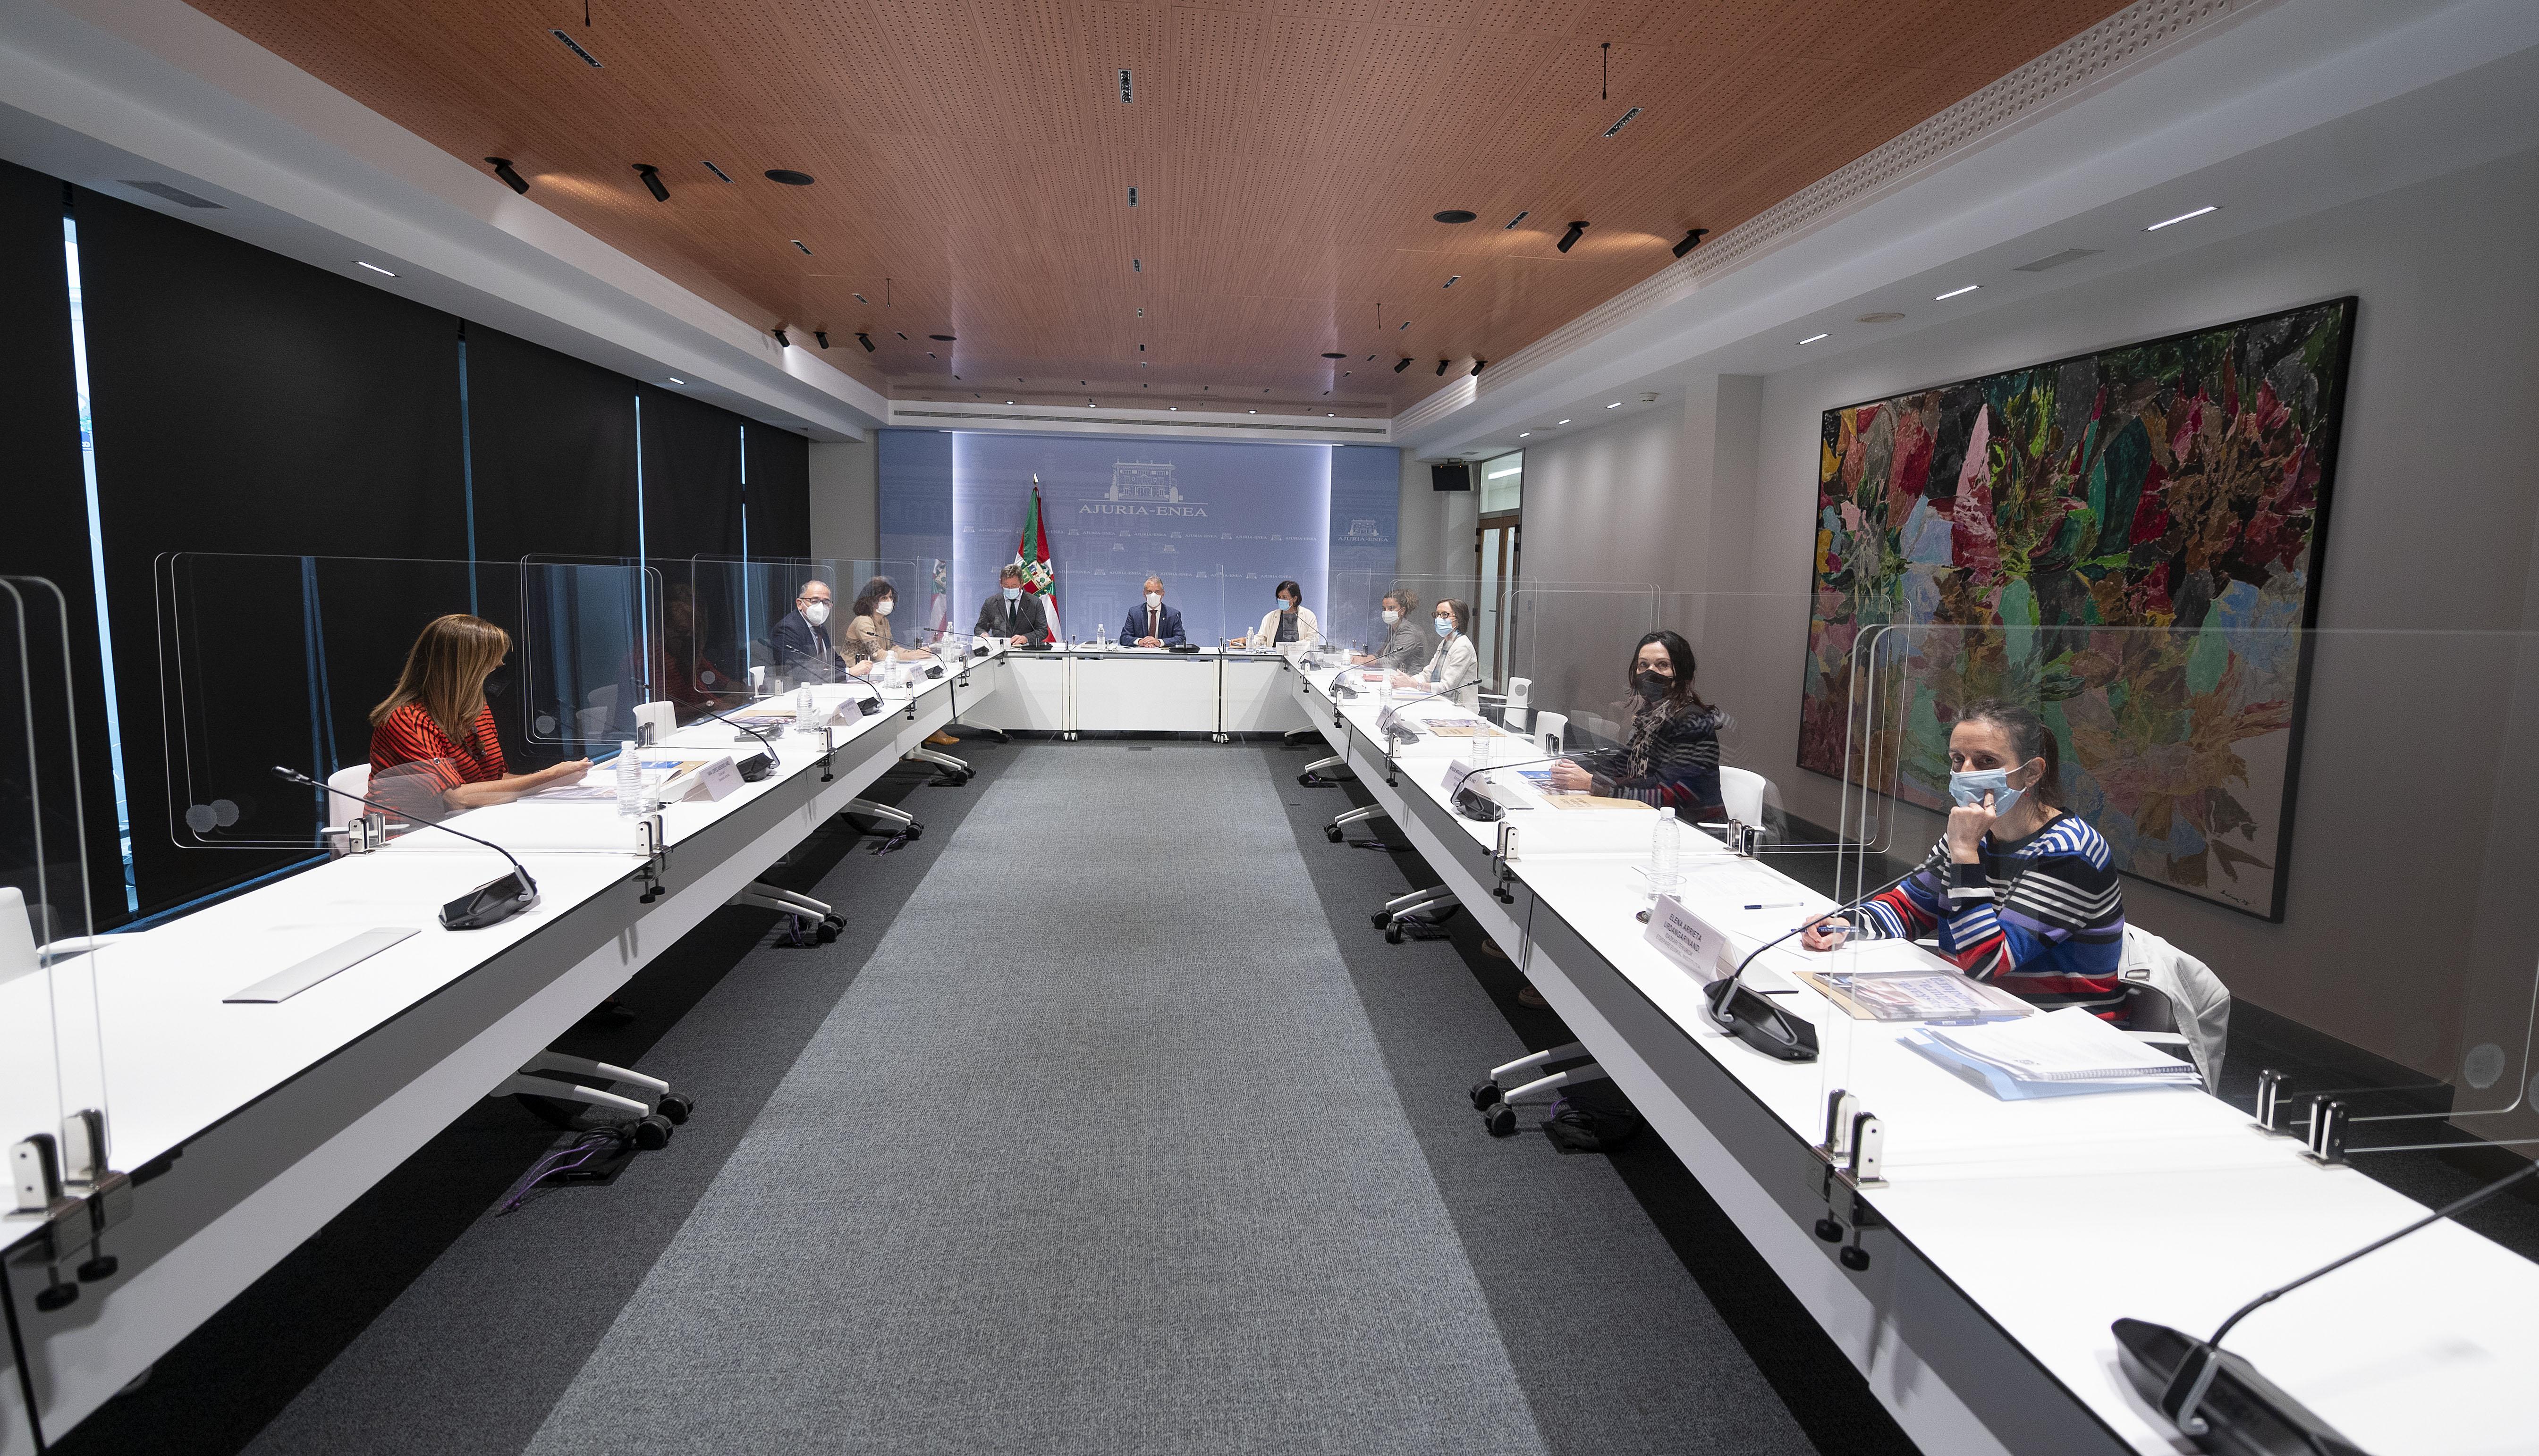 El Lehendakari ha presidido hoy la reunión del Patronato de Etxepare Euskal Institutua [1:07]